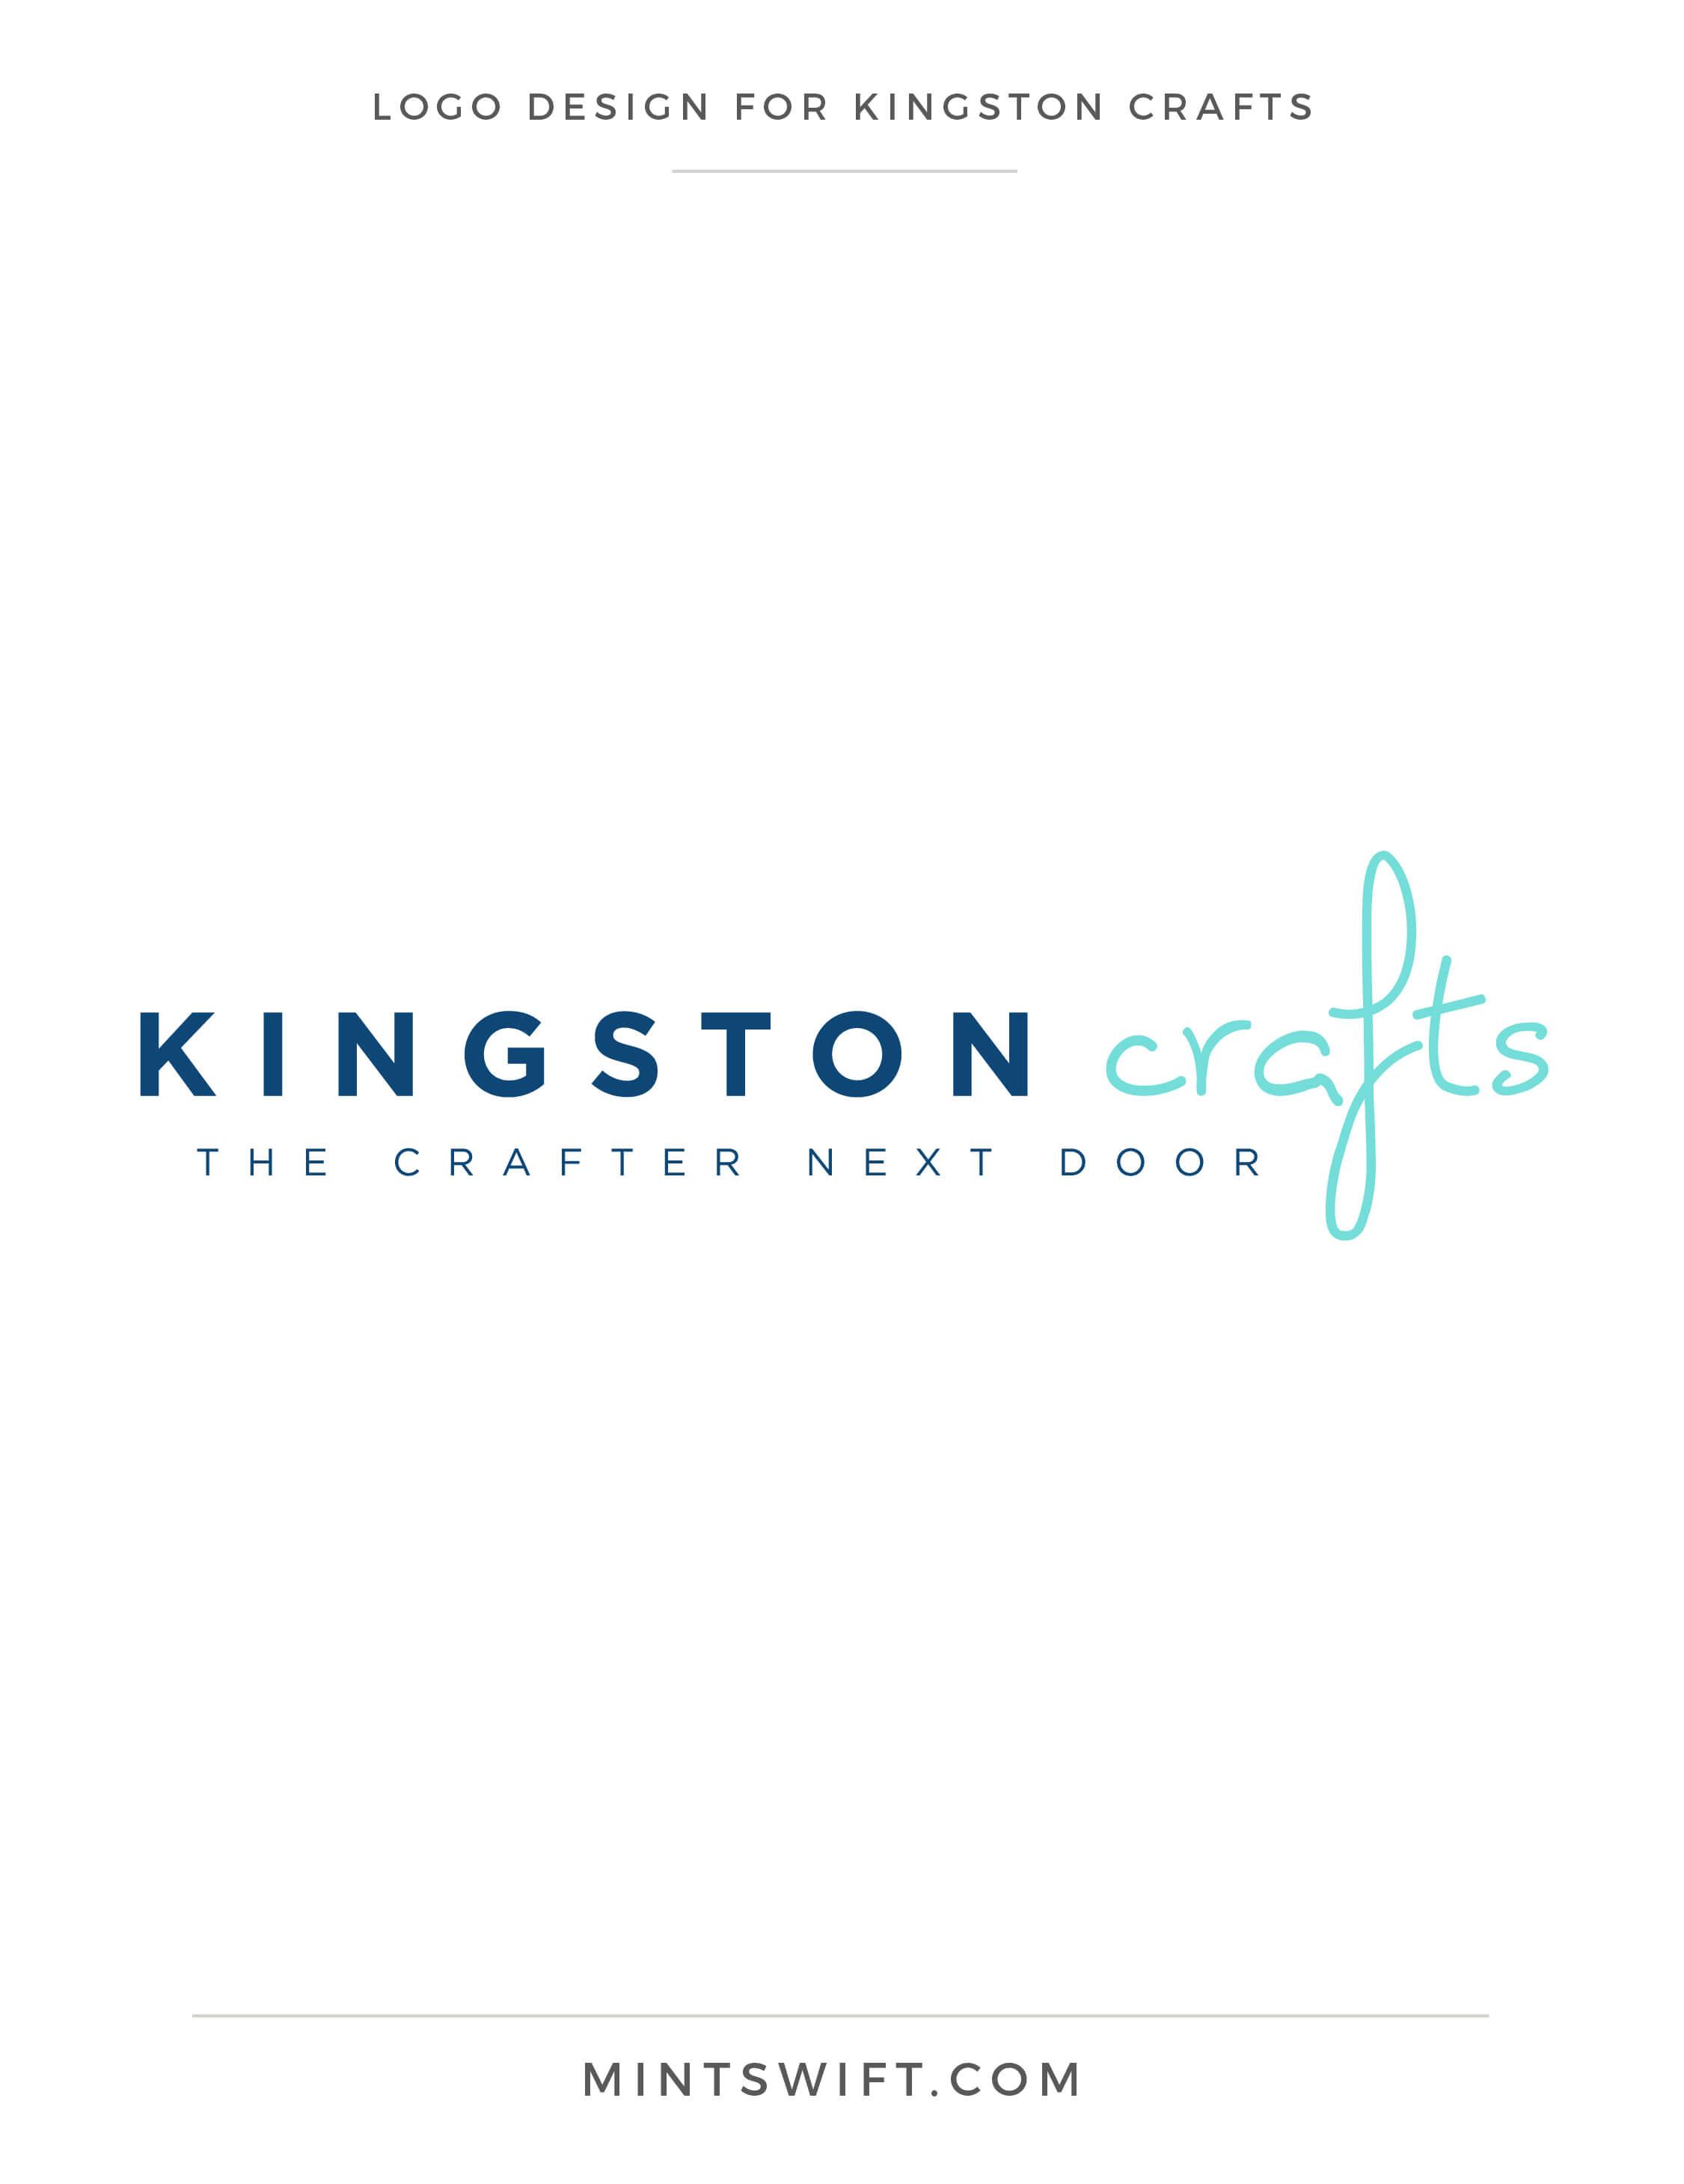 Kingston Crafts - Logo Design - Brand Design Package - MintSwift